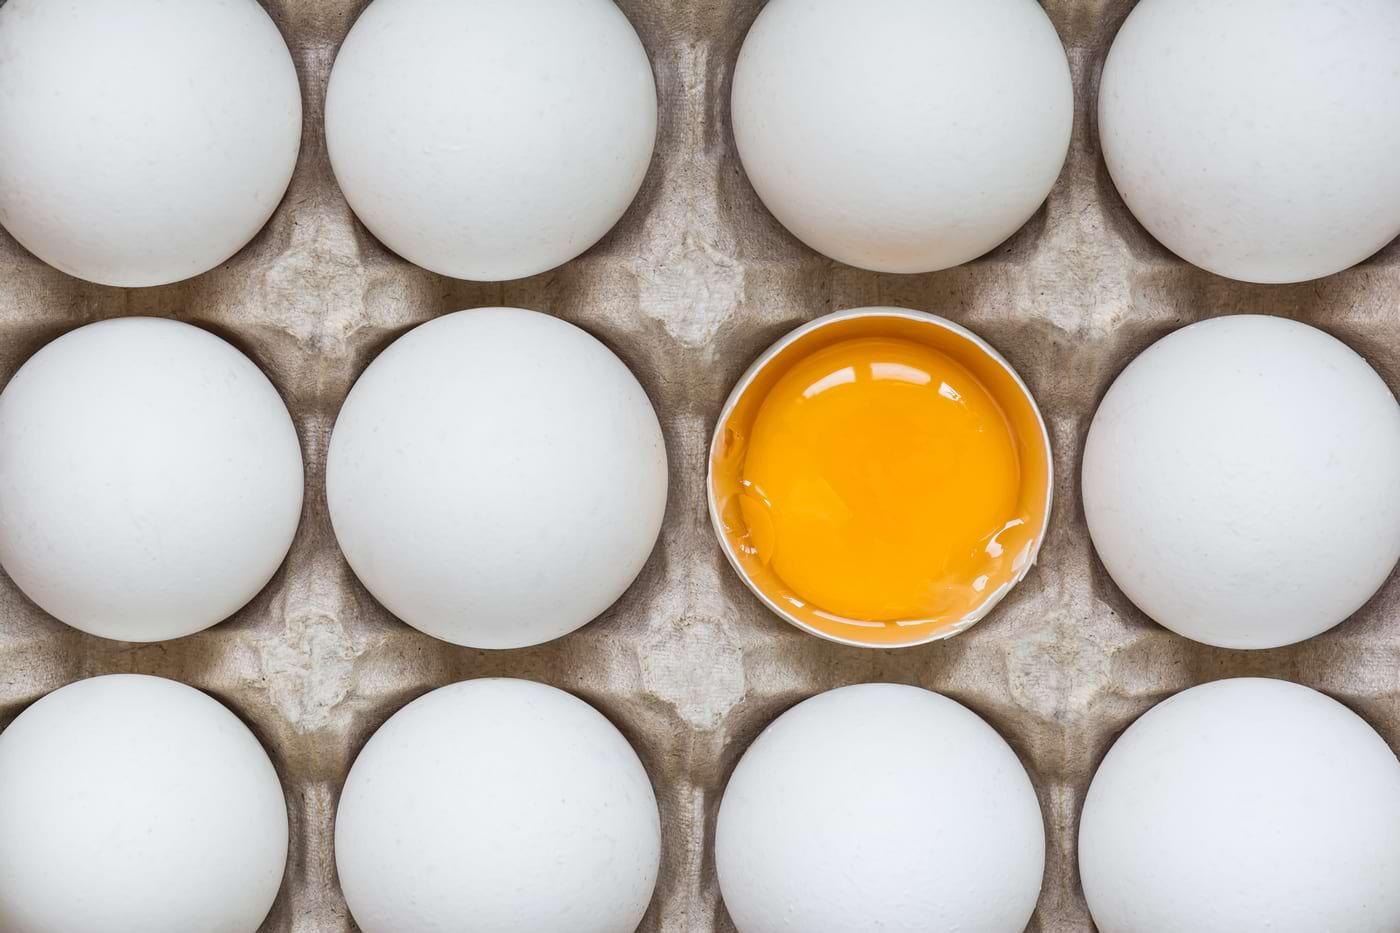 Cum gătești ouăle pentru a le păstra toate valorile nutritive?